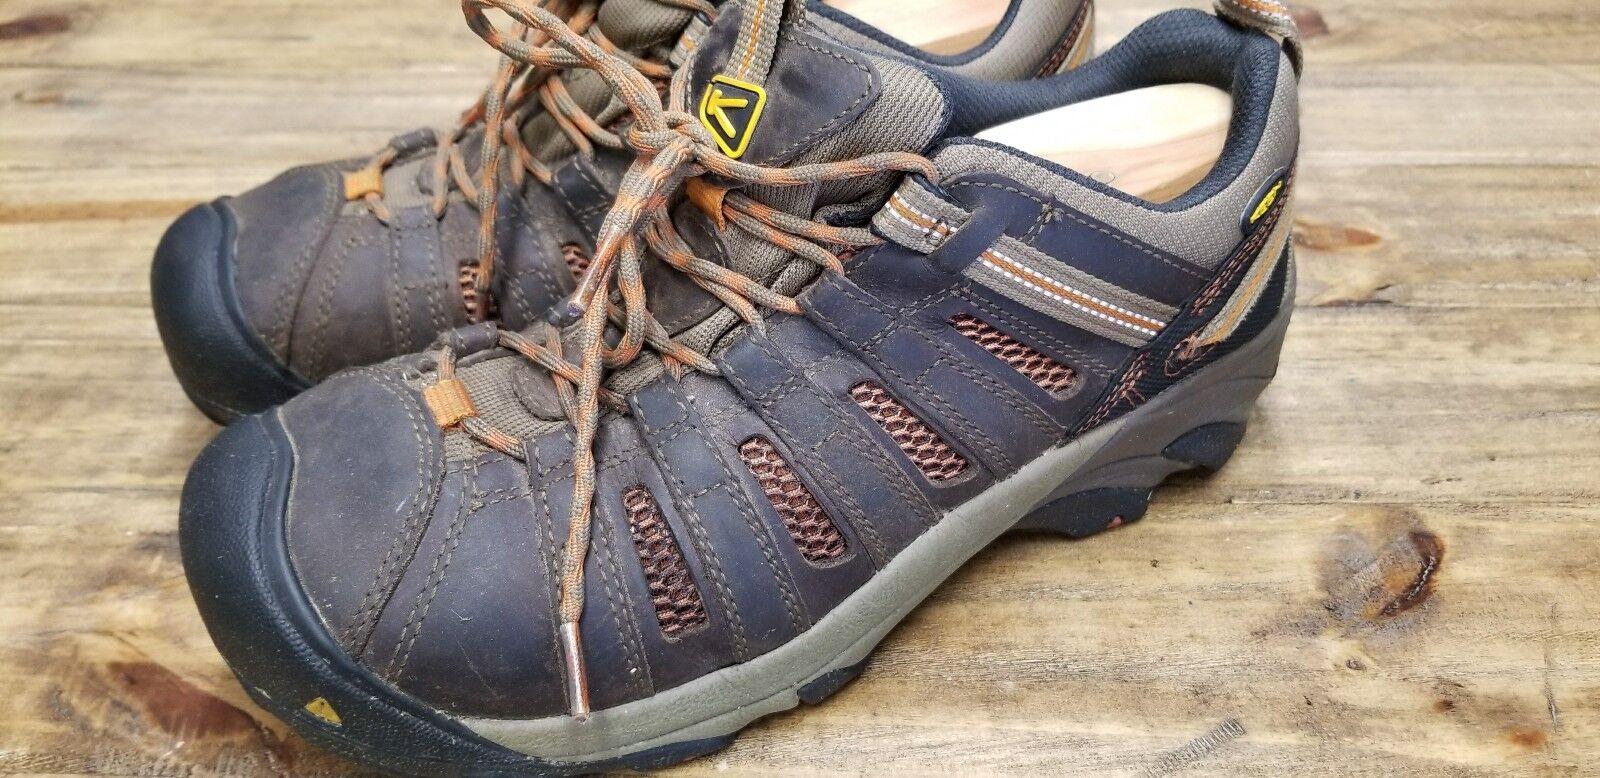 Keen Mens tamaño 9.5 Zapatos Trabajo Puntera De Acero Cuero Marrón Hecha en EE. UU. ASTM F2413-11